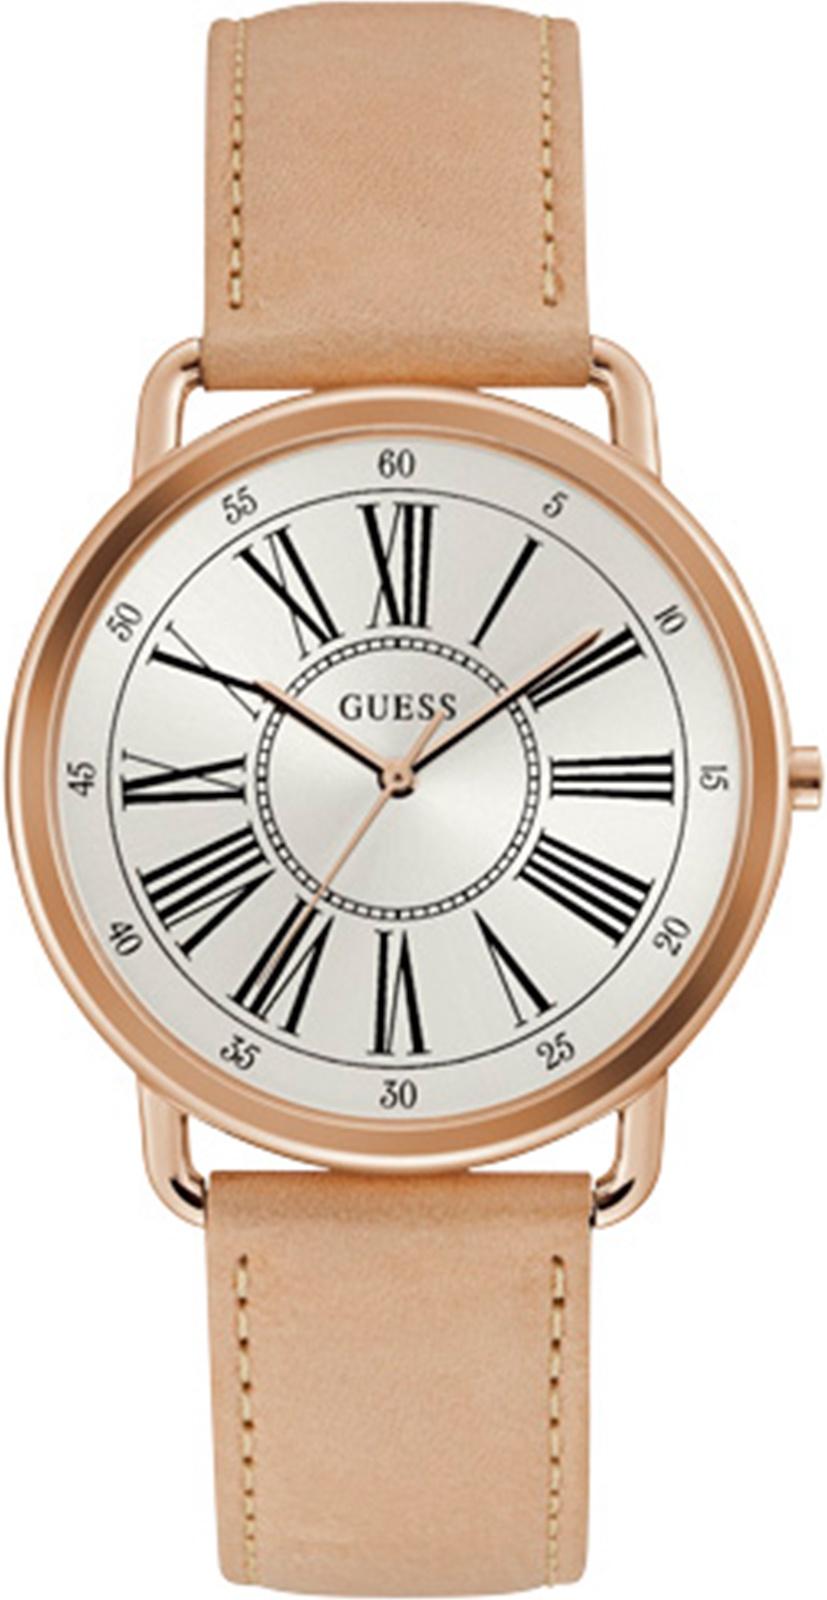 лучшая цена Часы Guess KENNEDY, золотой, бежевый, светло-бежевый